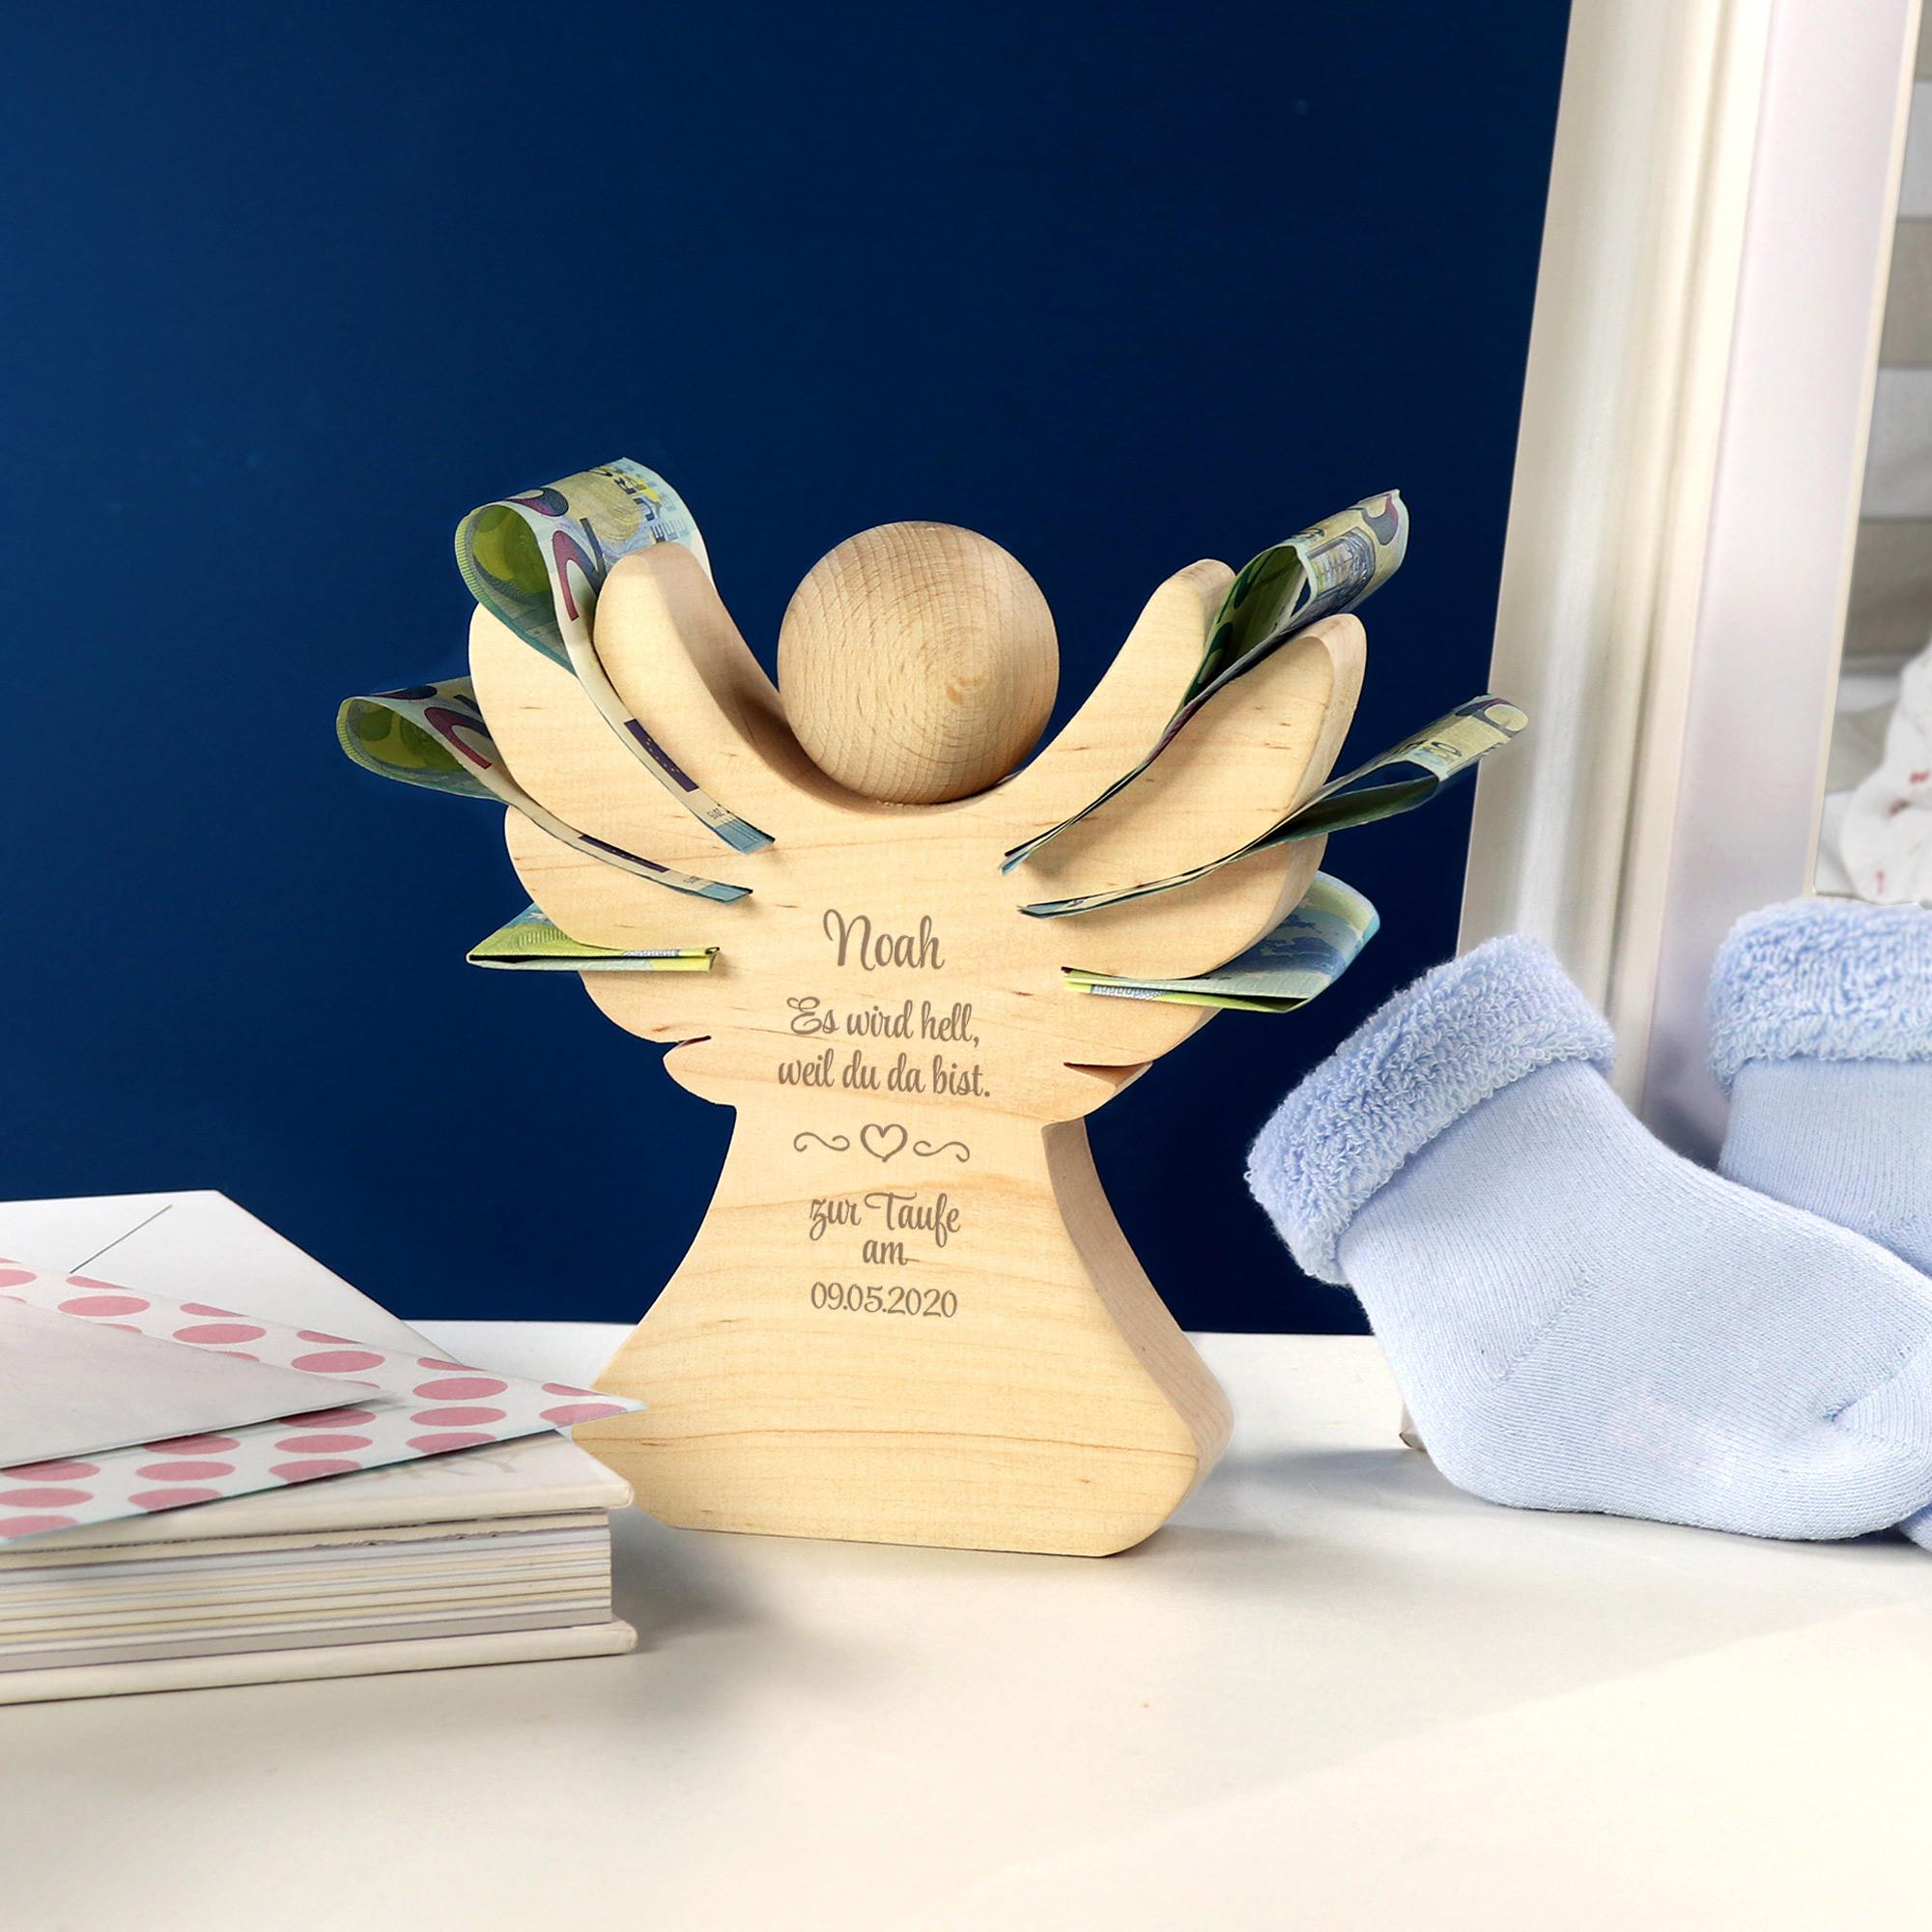 Engel aus Holz mit Gravur zur Taufe - Personalisiert